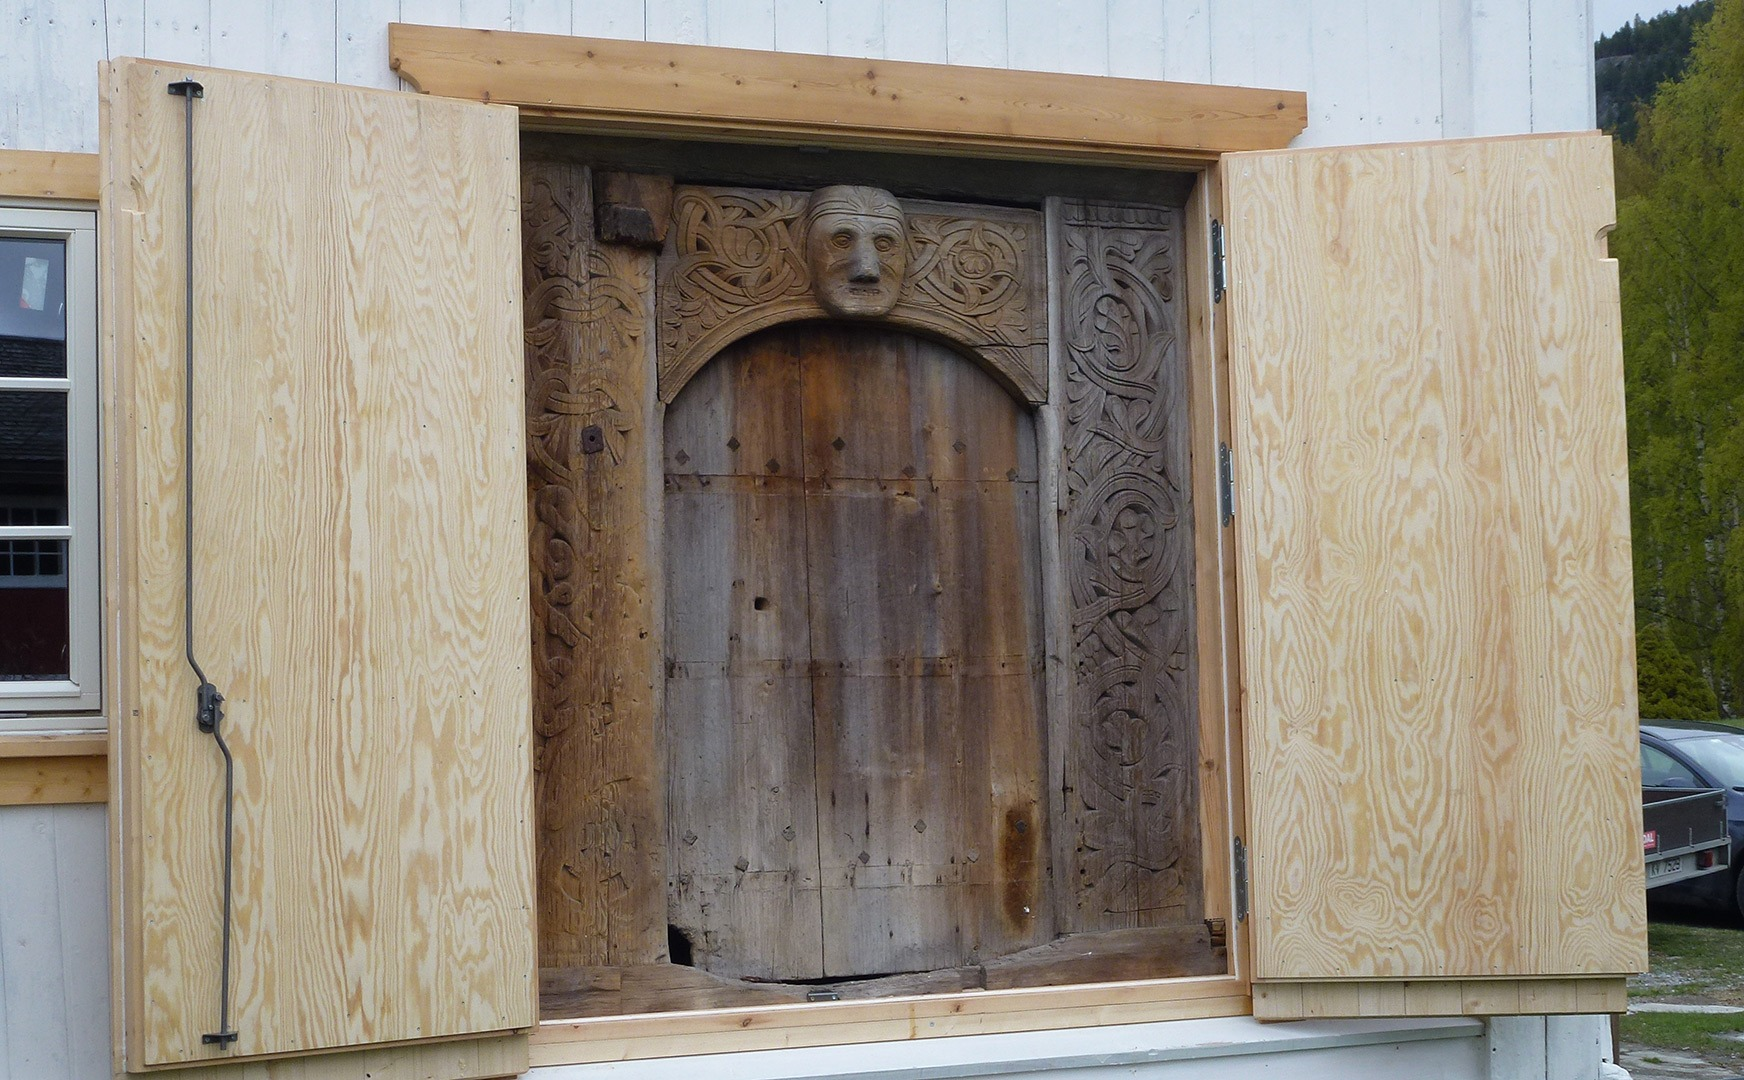 Bak kledningen på sørveggen skjuler denne portalen seg – en rundbuet praktportal som er typisk for romansk stil. I dag er portalen beskyttet av en dørlem men ettersom portalen er så godt bevart har den trolig også vært beskyttet for vær og vind tidligere. Foto: Kjell Andresen Riksantikvaren